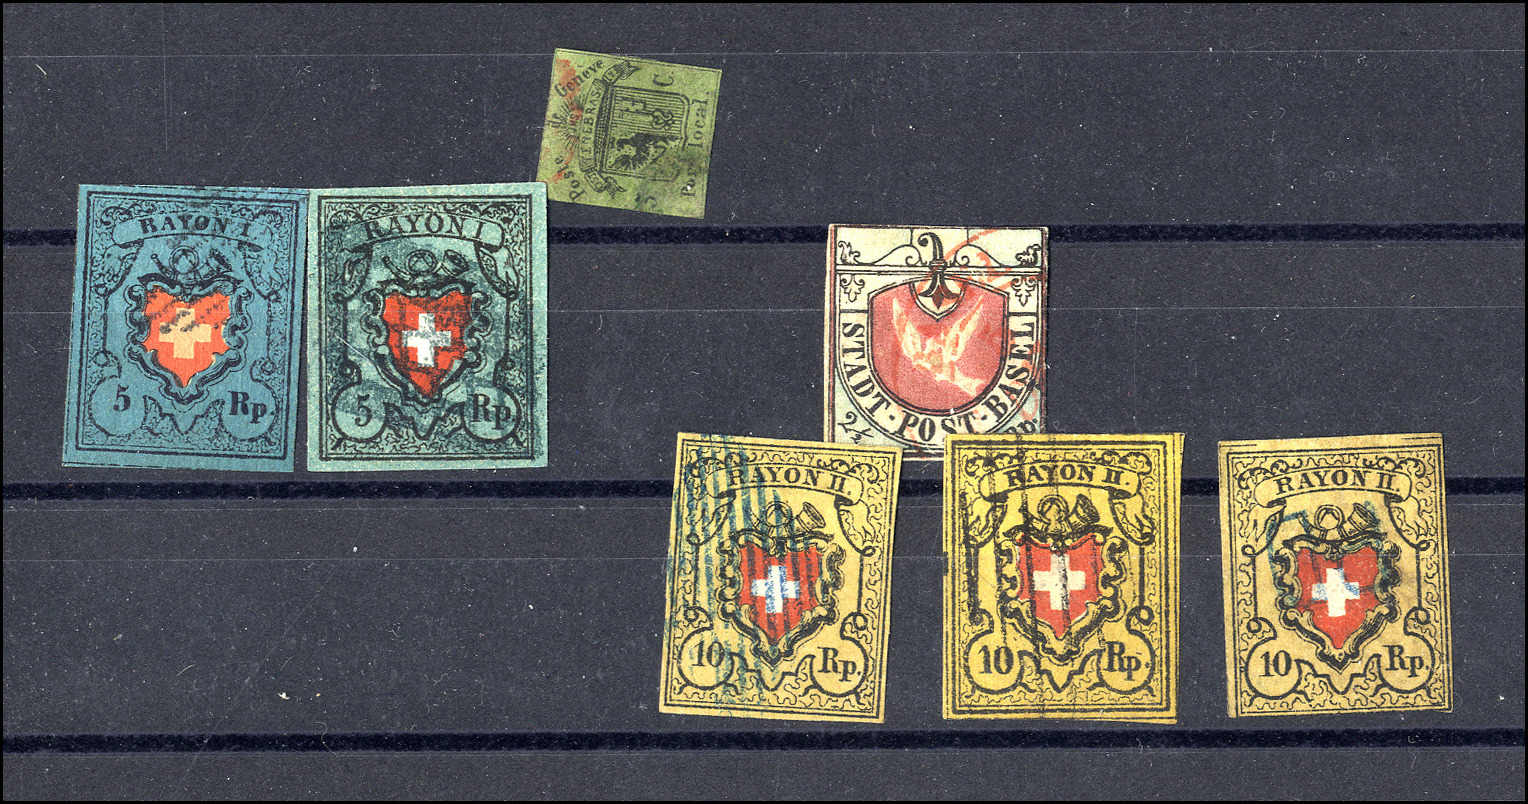 Lot 2 - sammlungen und posten sammlungen und posten altschweiz -  Rolli Auctions Auction #68 Day 1